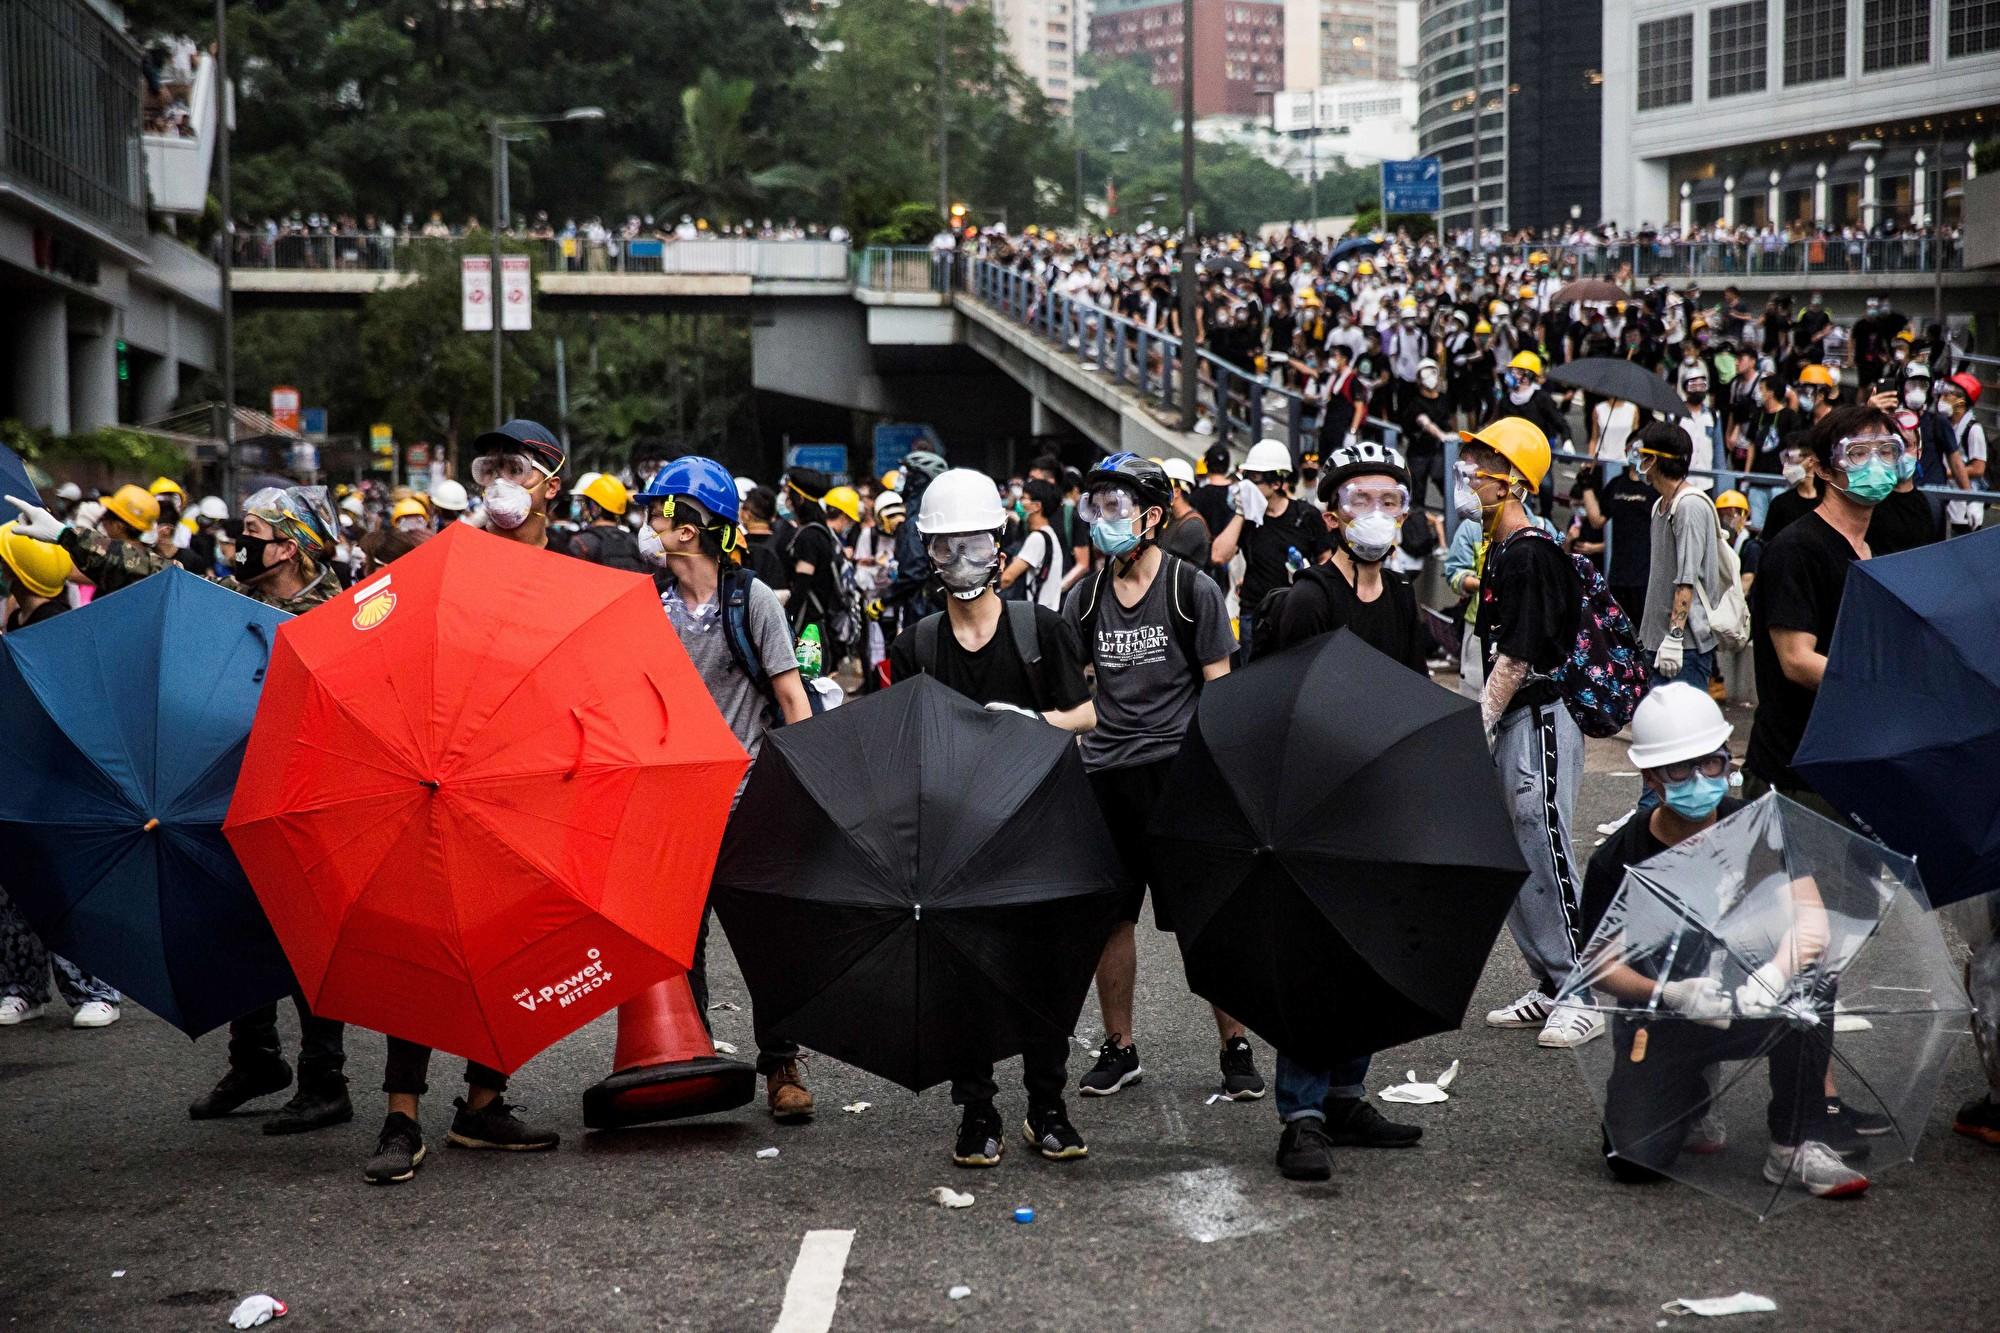 2019年6月12日,香港民眾戴著口罩拿著雨傘走上街頭,抗議香港政府不顧反對聲浪,預定二讀《逃犯條例》。(ISAAC LAWRENCE/AFP/Getty Images)